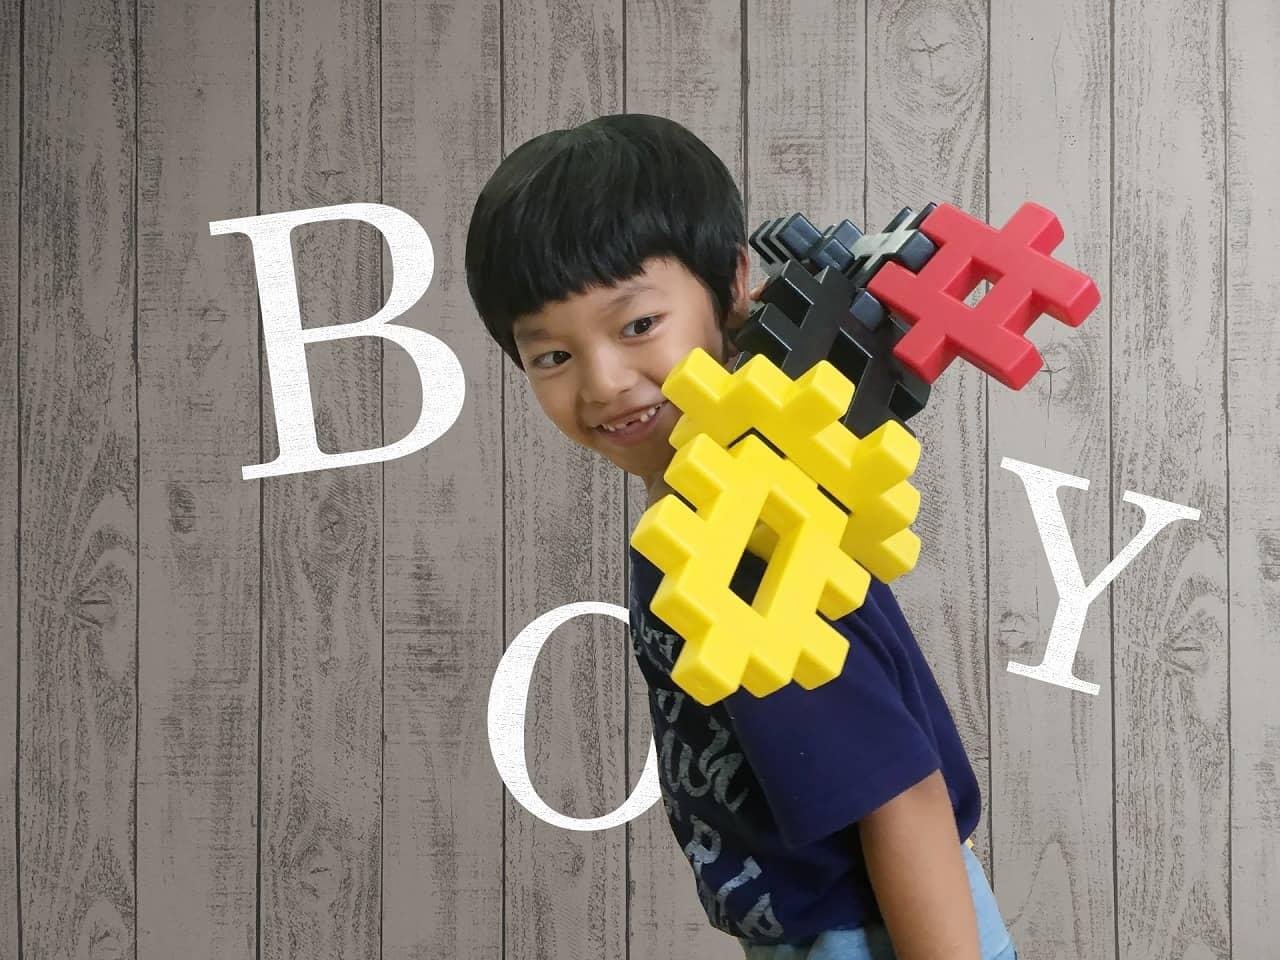 6歳の男の子に人気のおもちゃはどれ? 知育系・工作・本まで大特集!